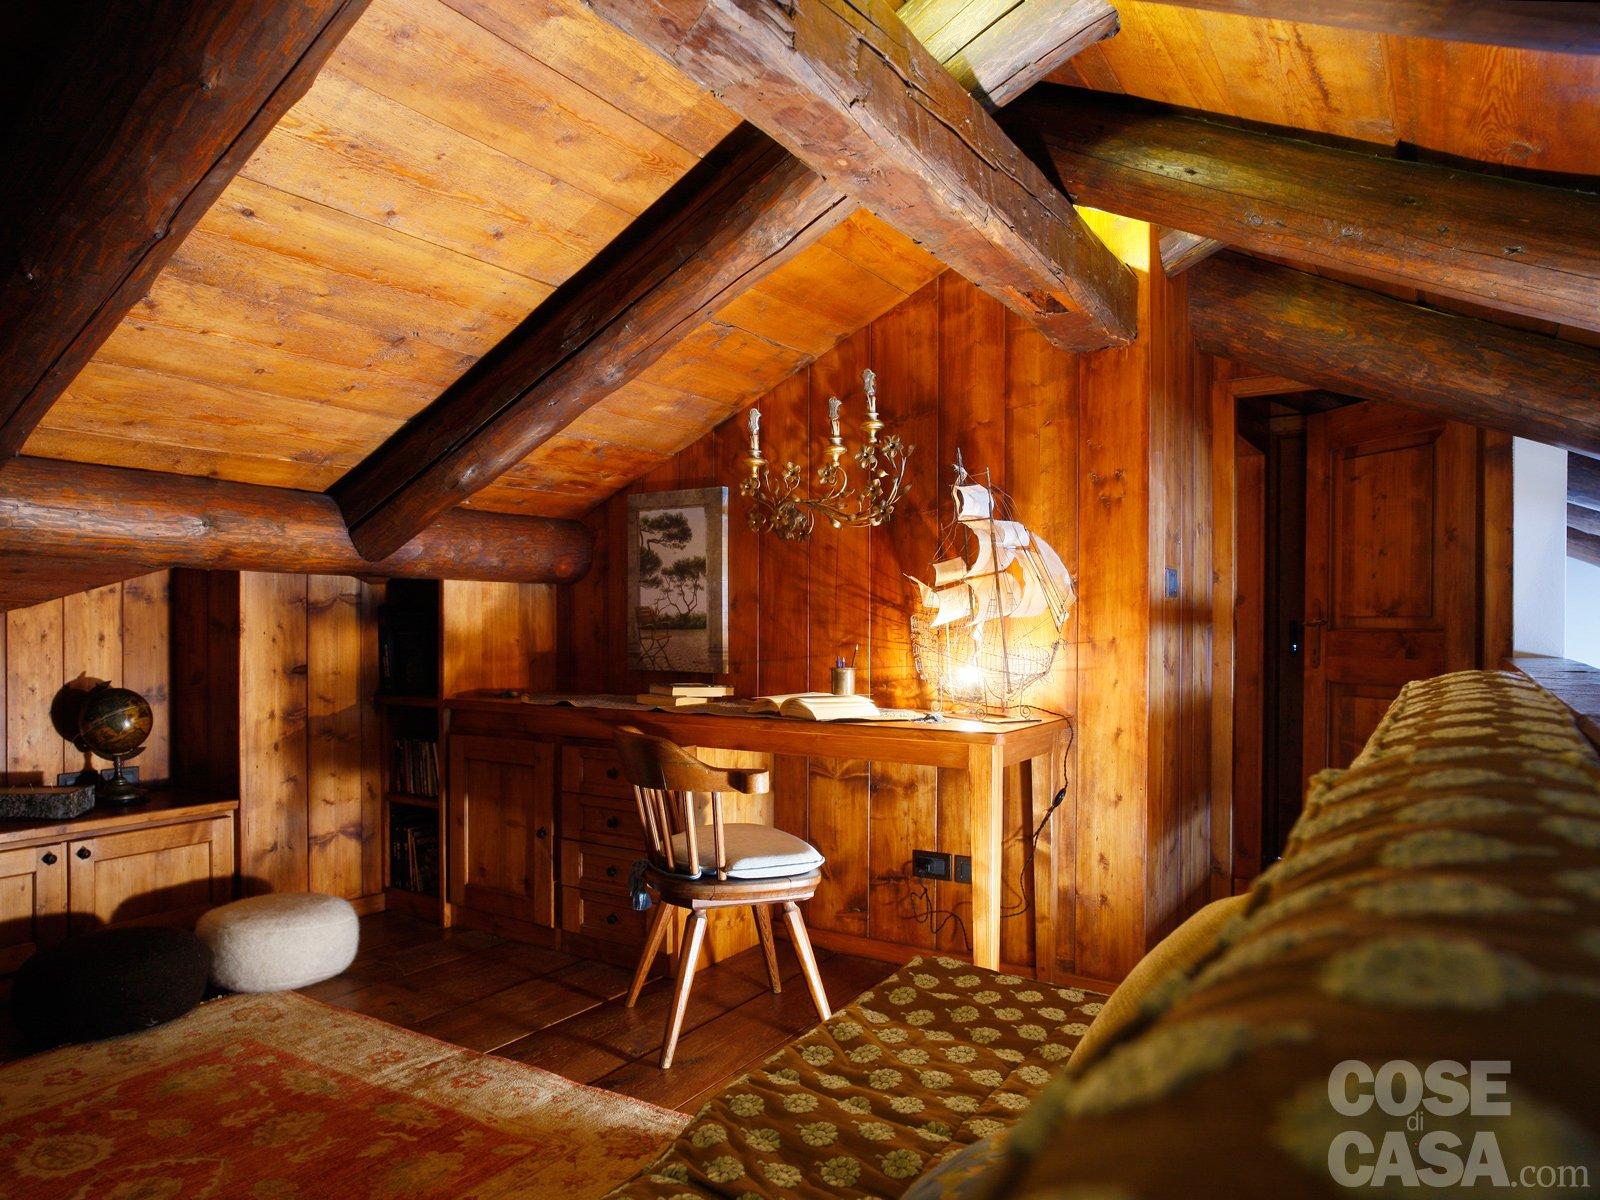 Mansarda tutta legno nuova vita per la casa di montagna for Immagini case antiche interni